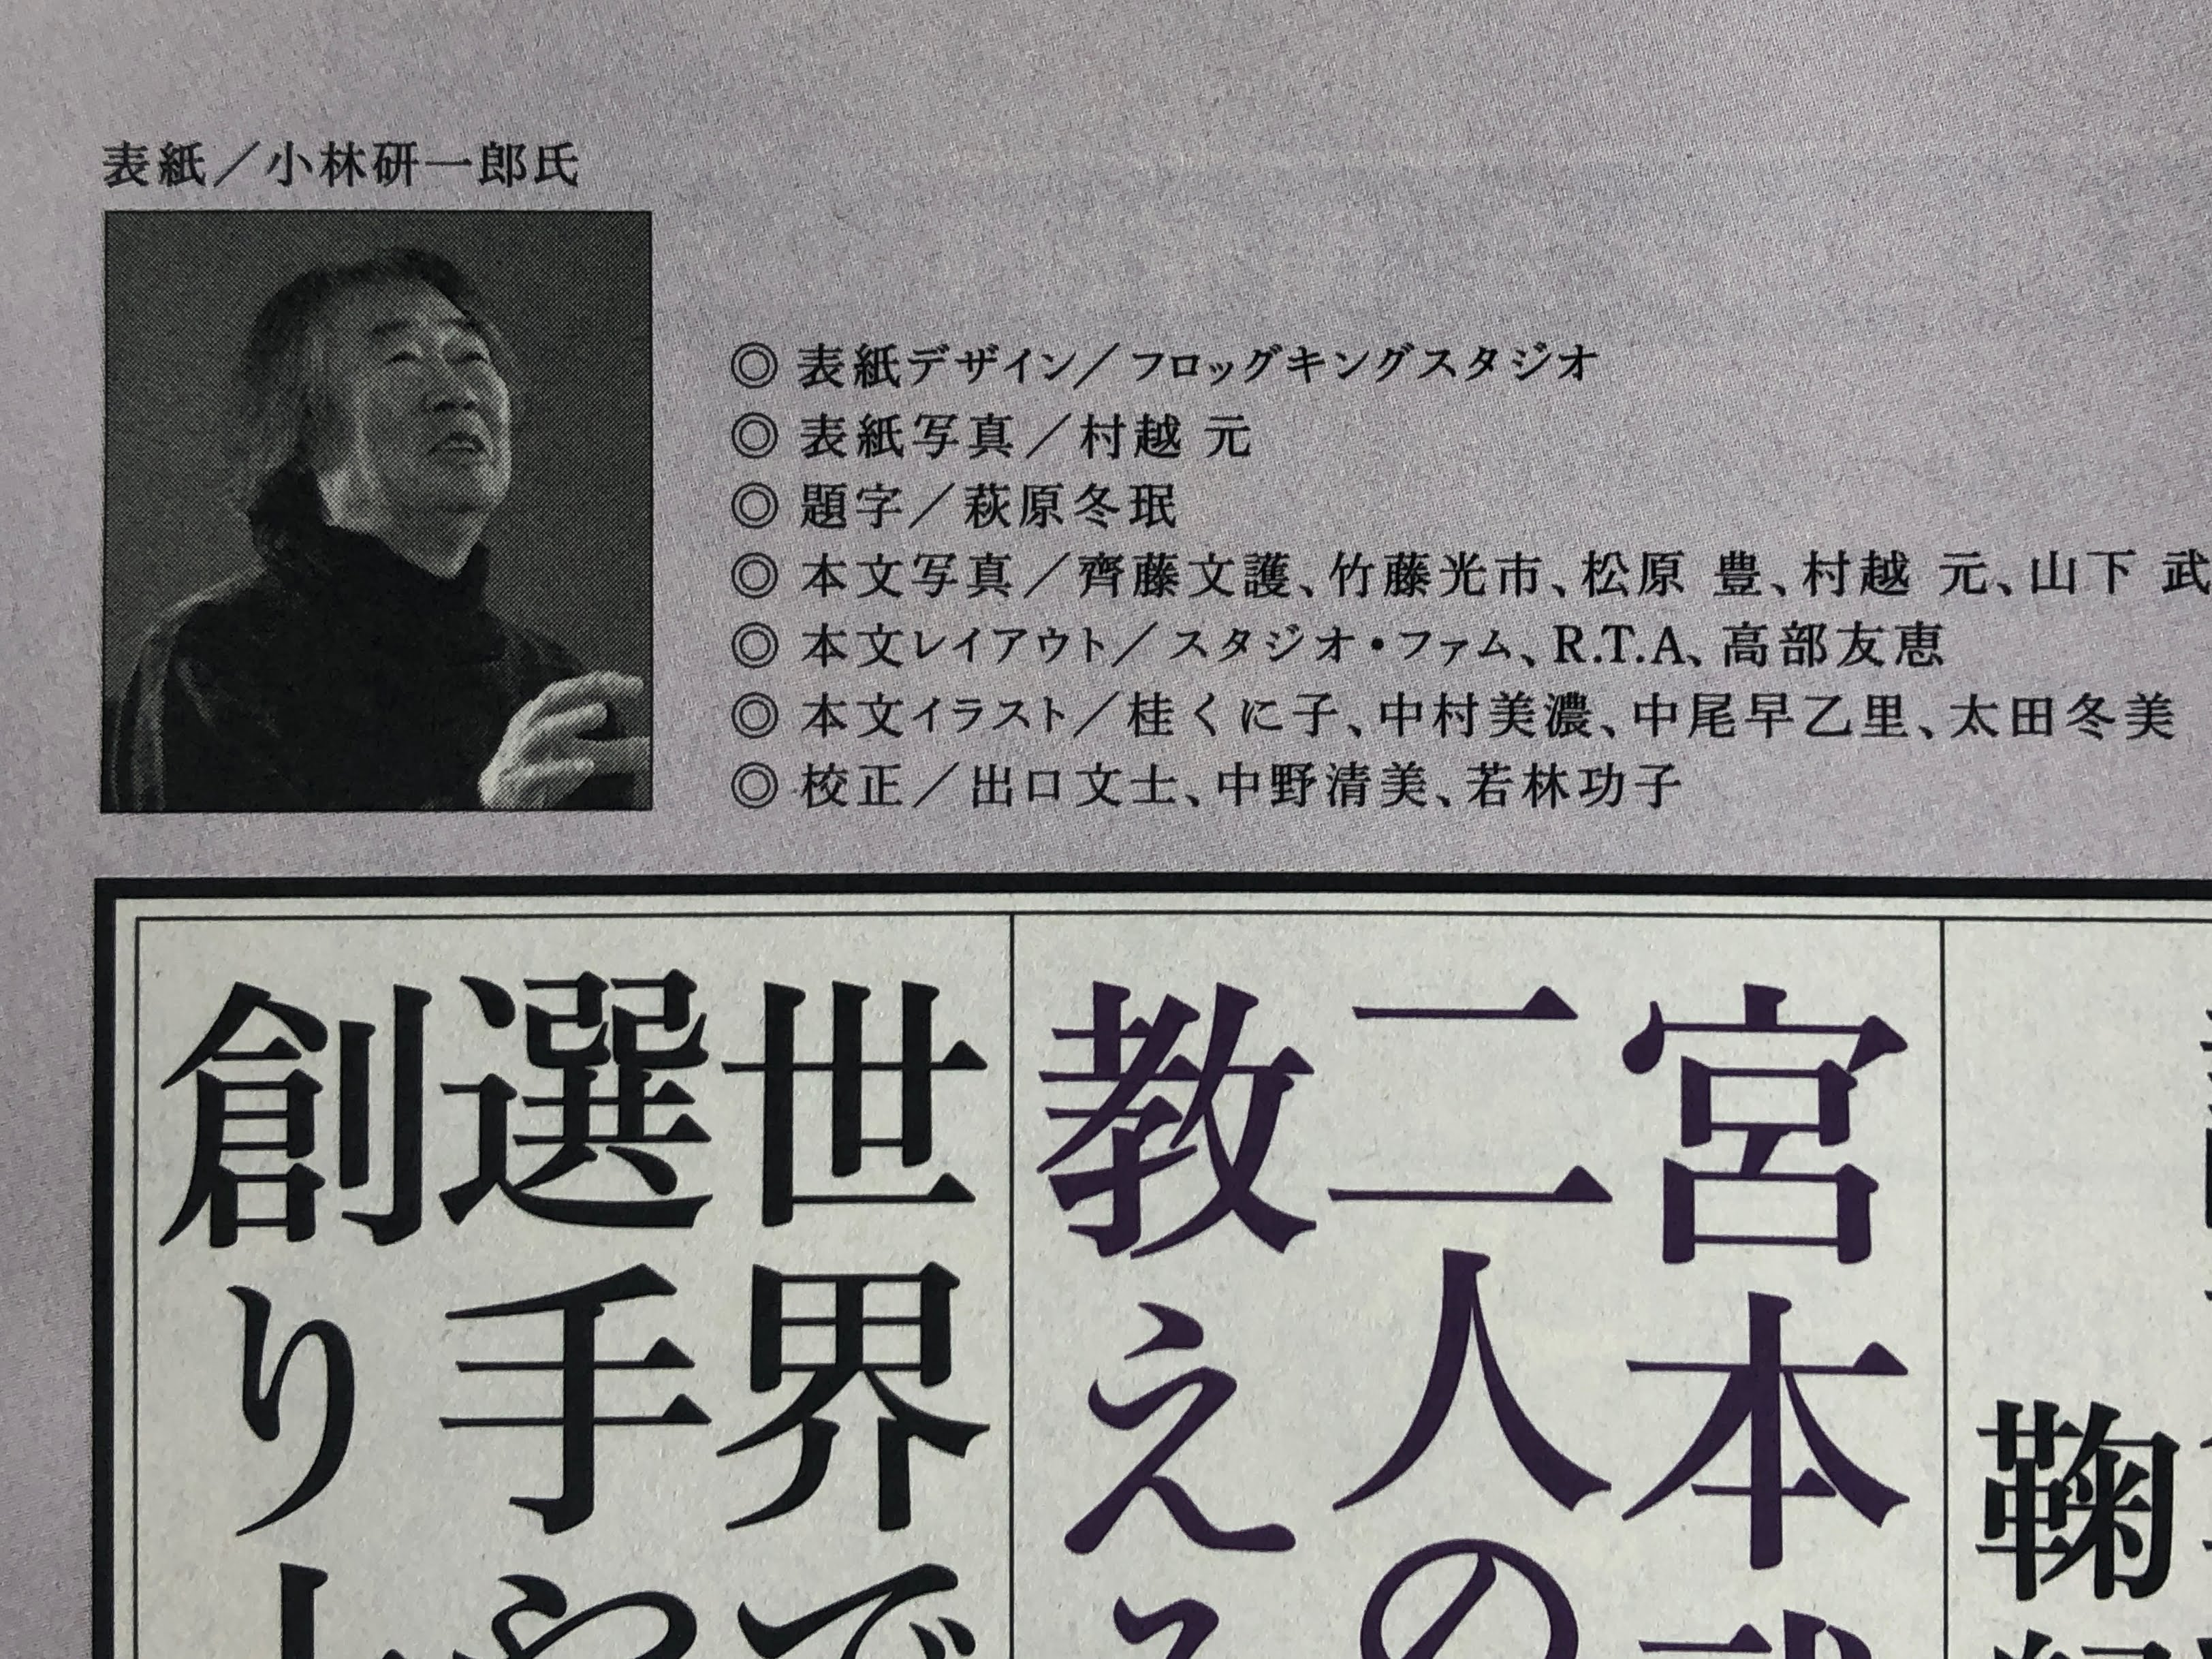 2020.05.03「致知」」6月号松原豊撮影参加